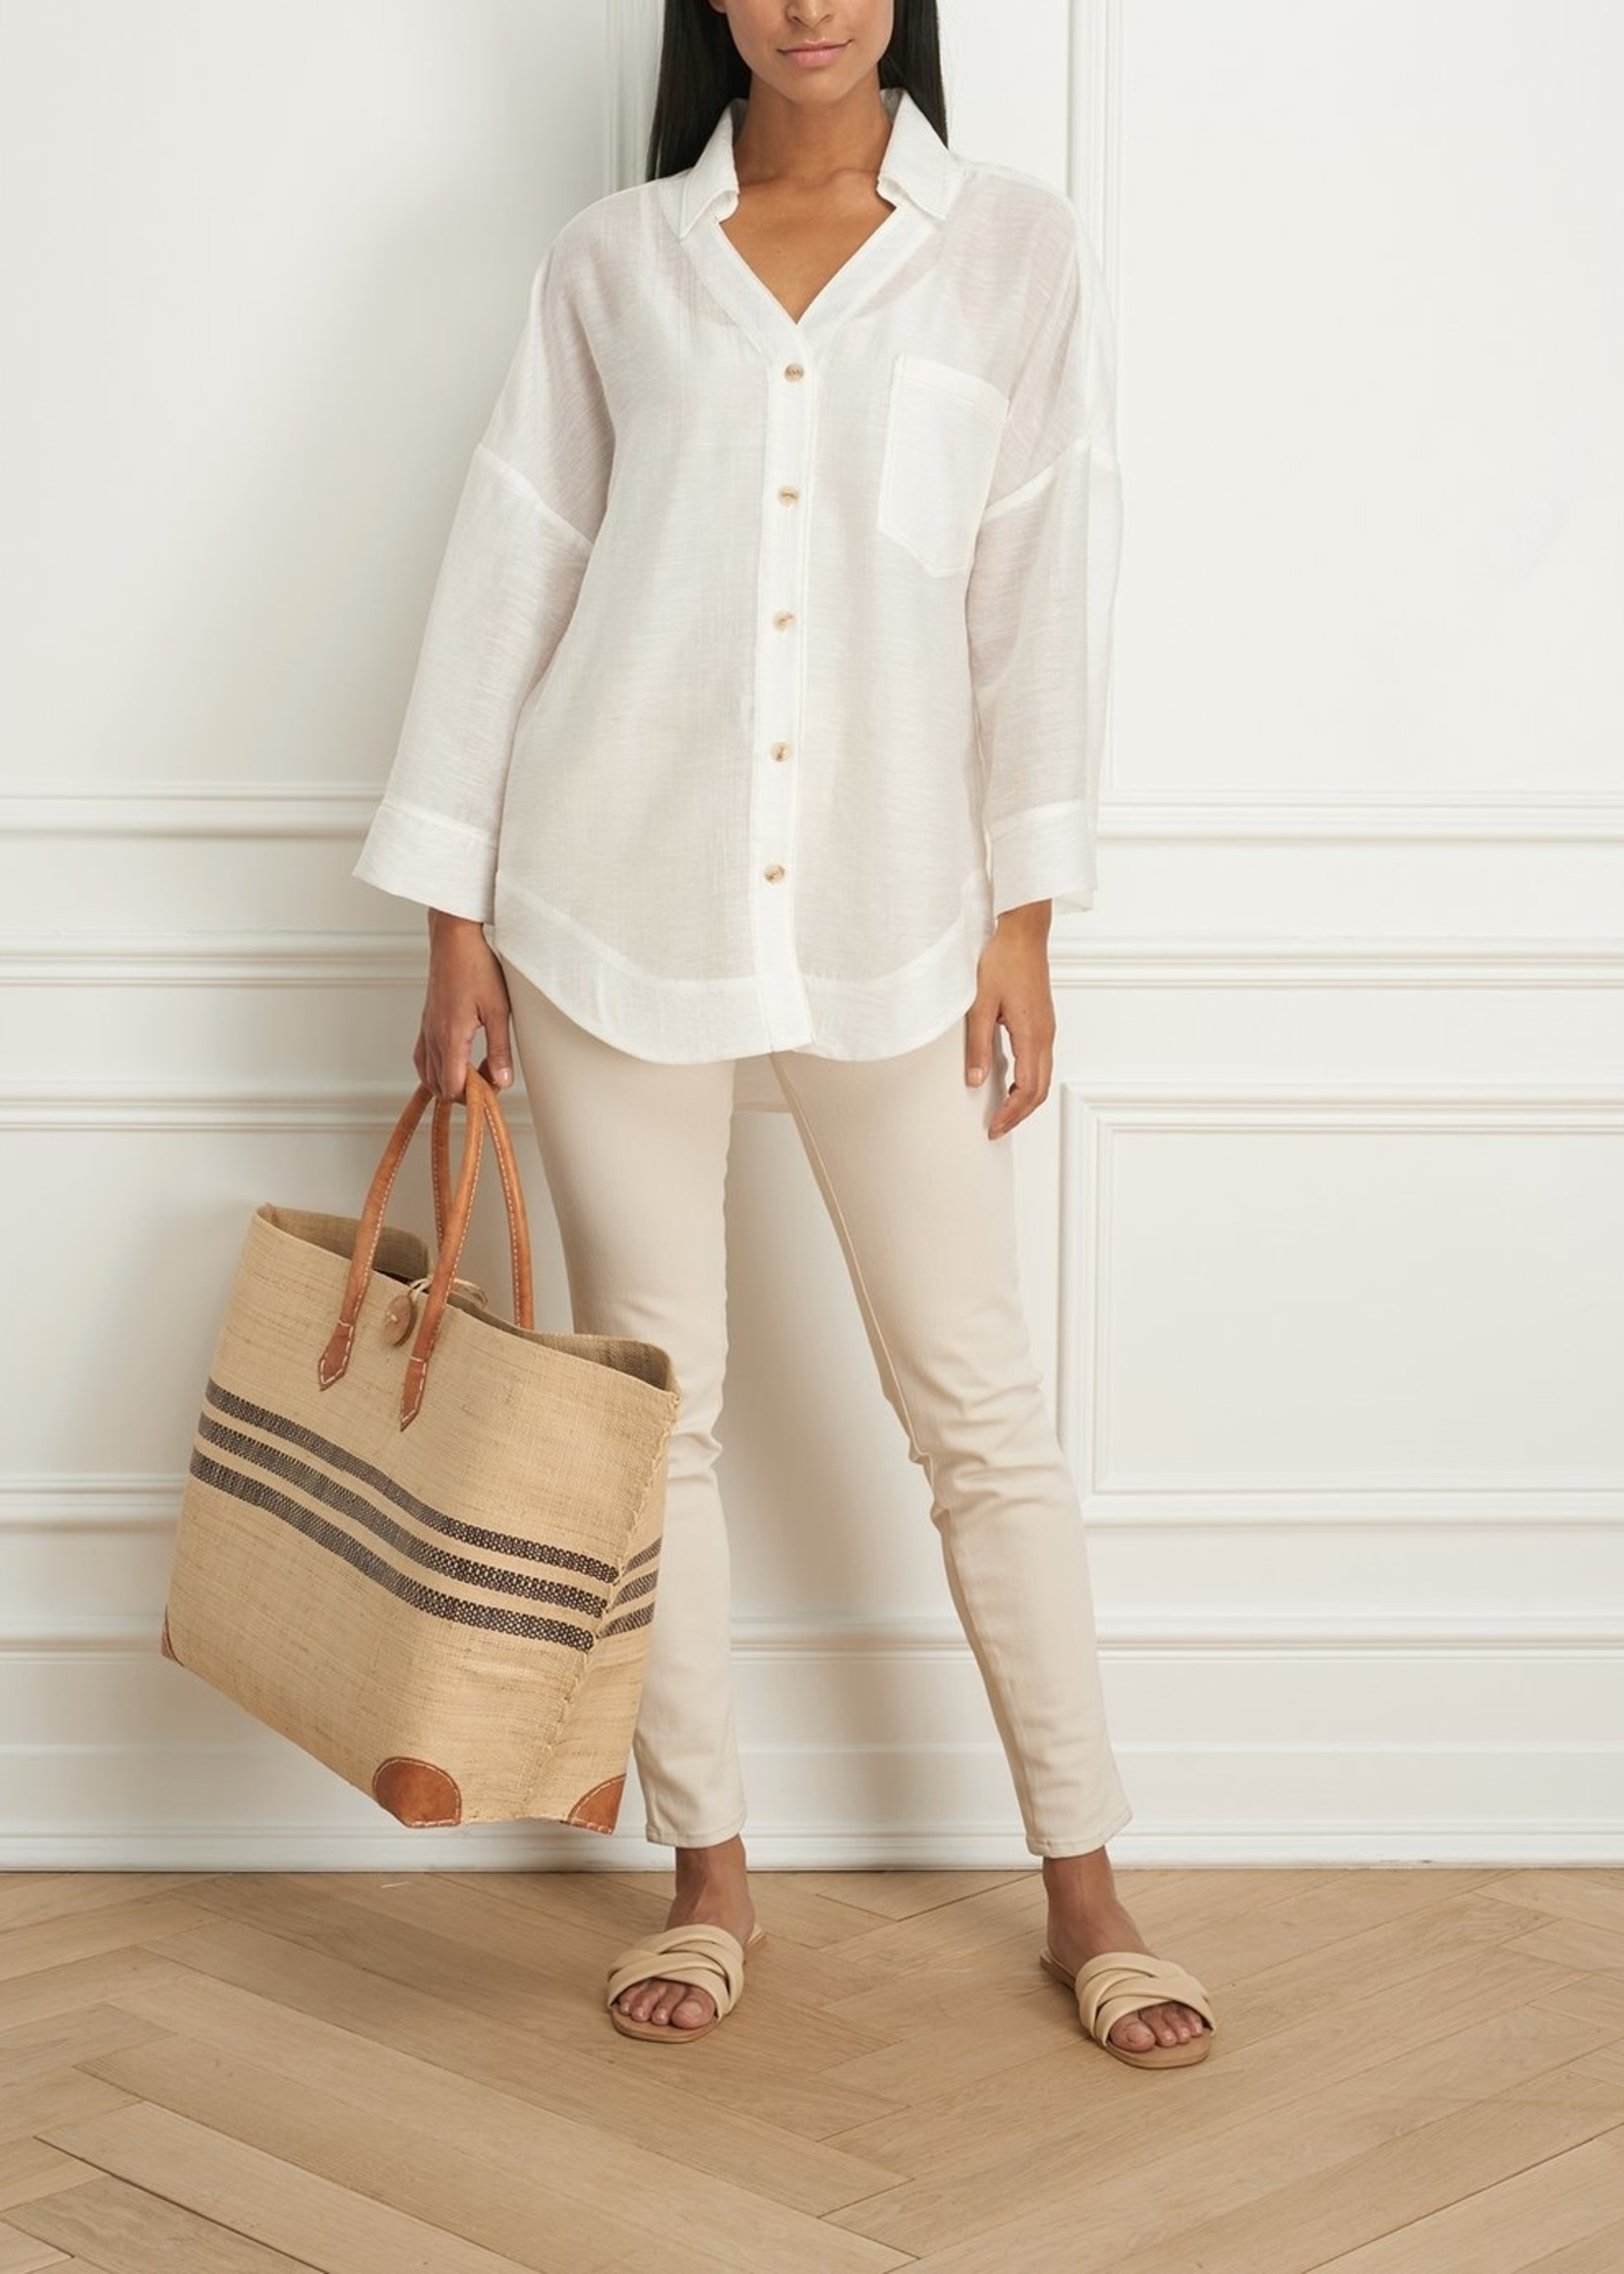 Iris Setlakwe Overshirt with Bell Sleeves